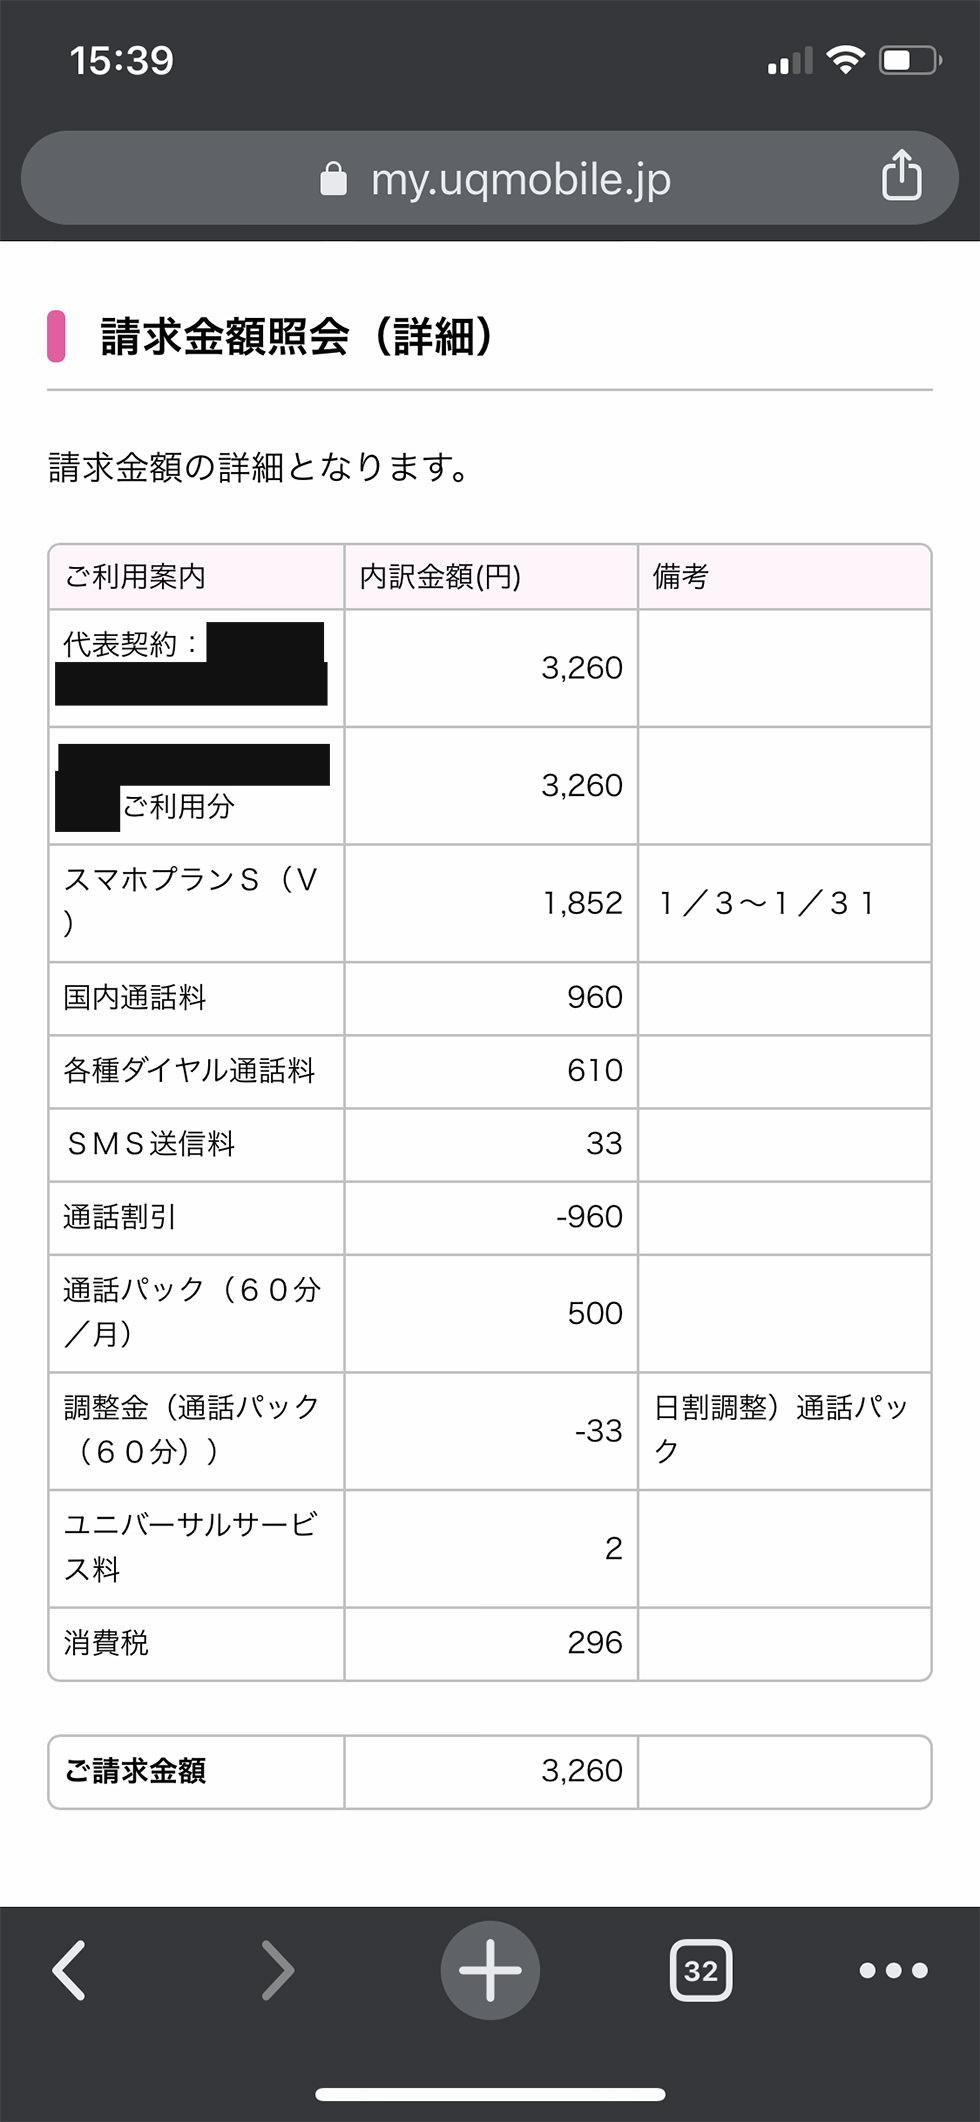 UQモバイルの月額利用料金の明細